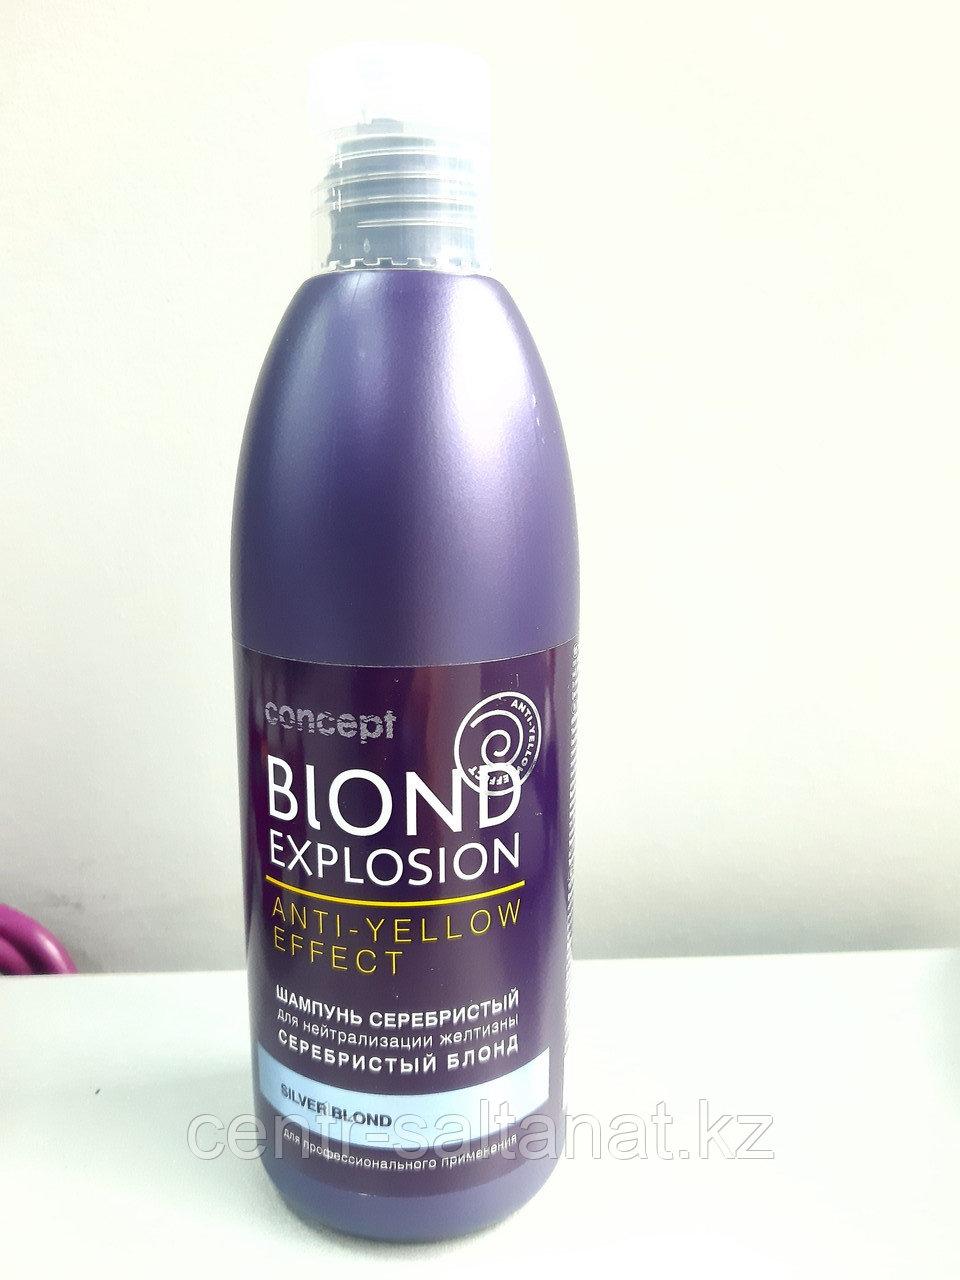 Серебристый шампунь для нейтрализации желтизны серебристый блонд 300 мл CONCEPT